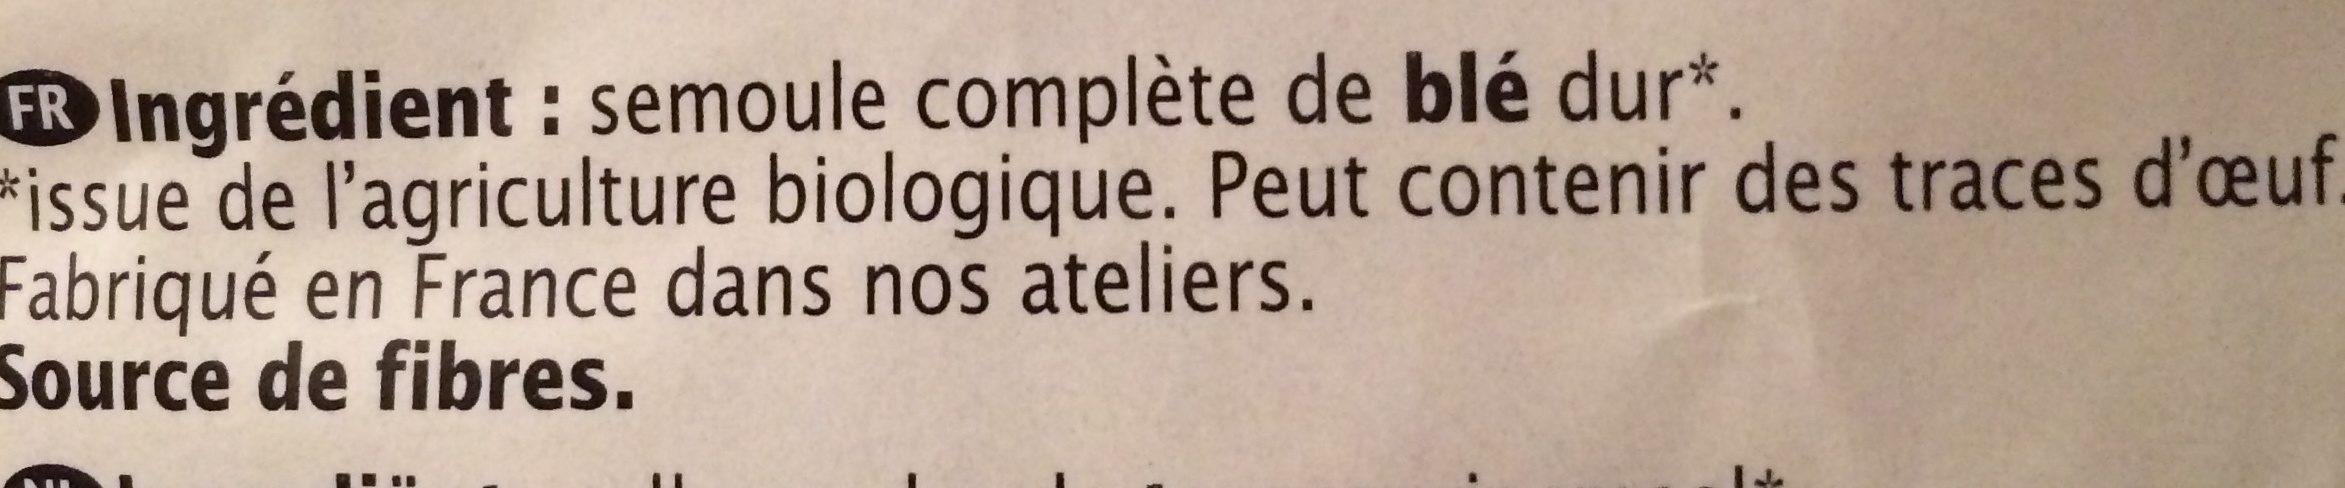 Coquillettes complètes bio - Ingrédients - fr